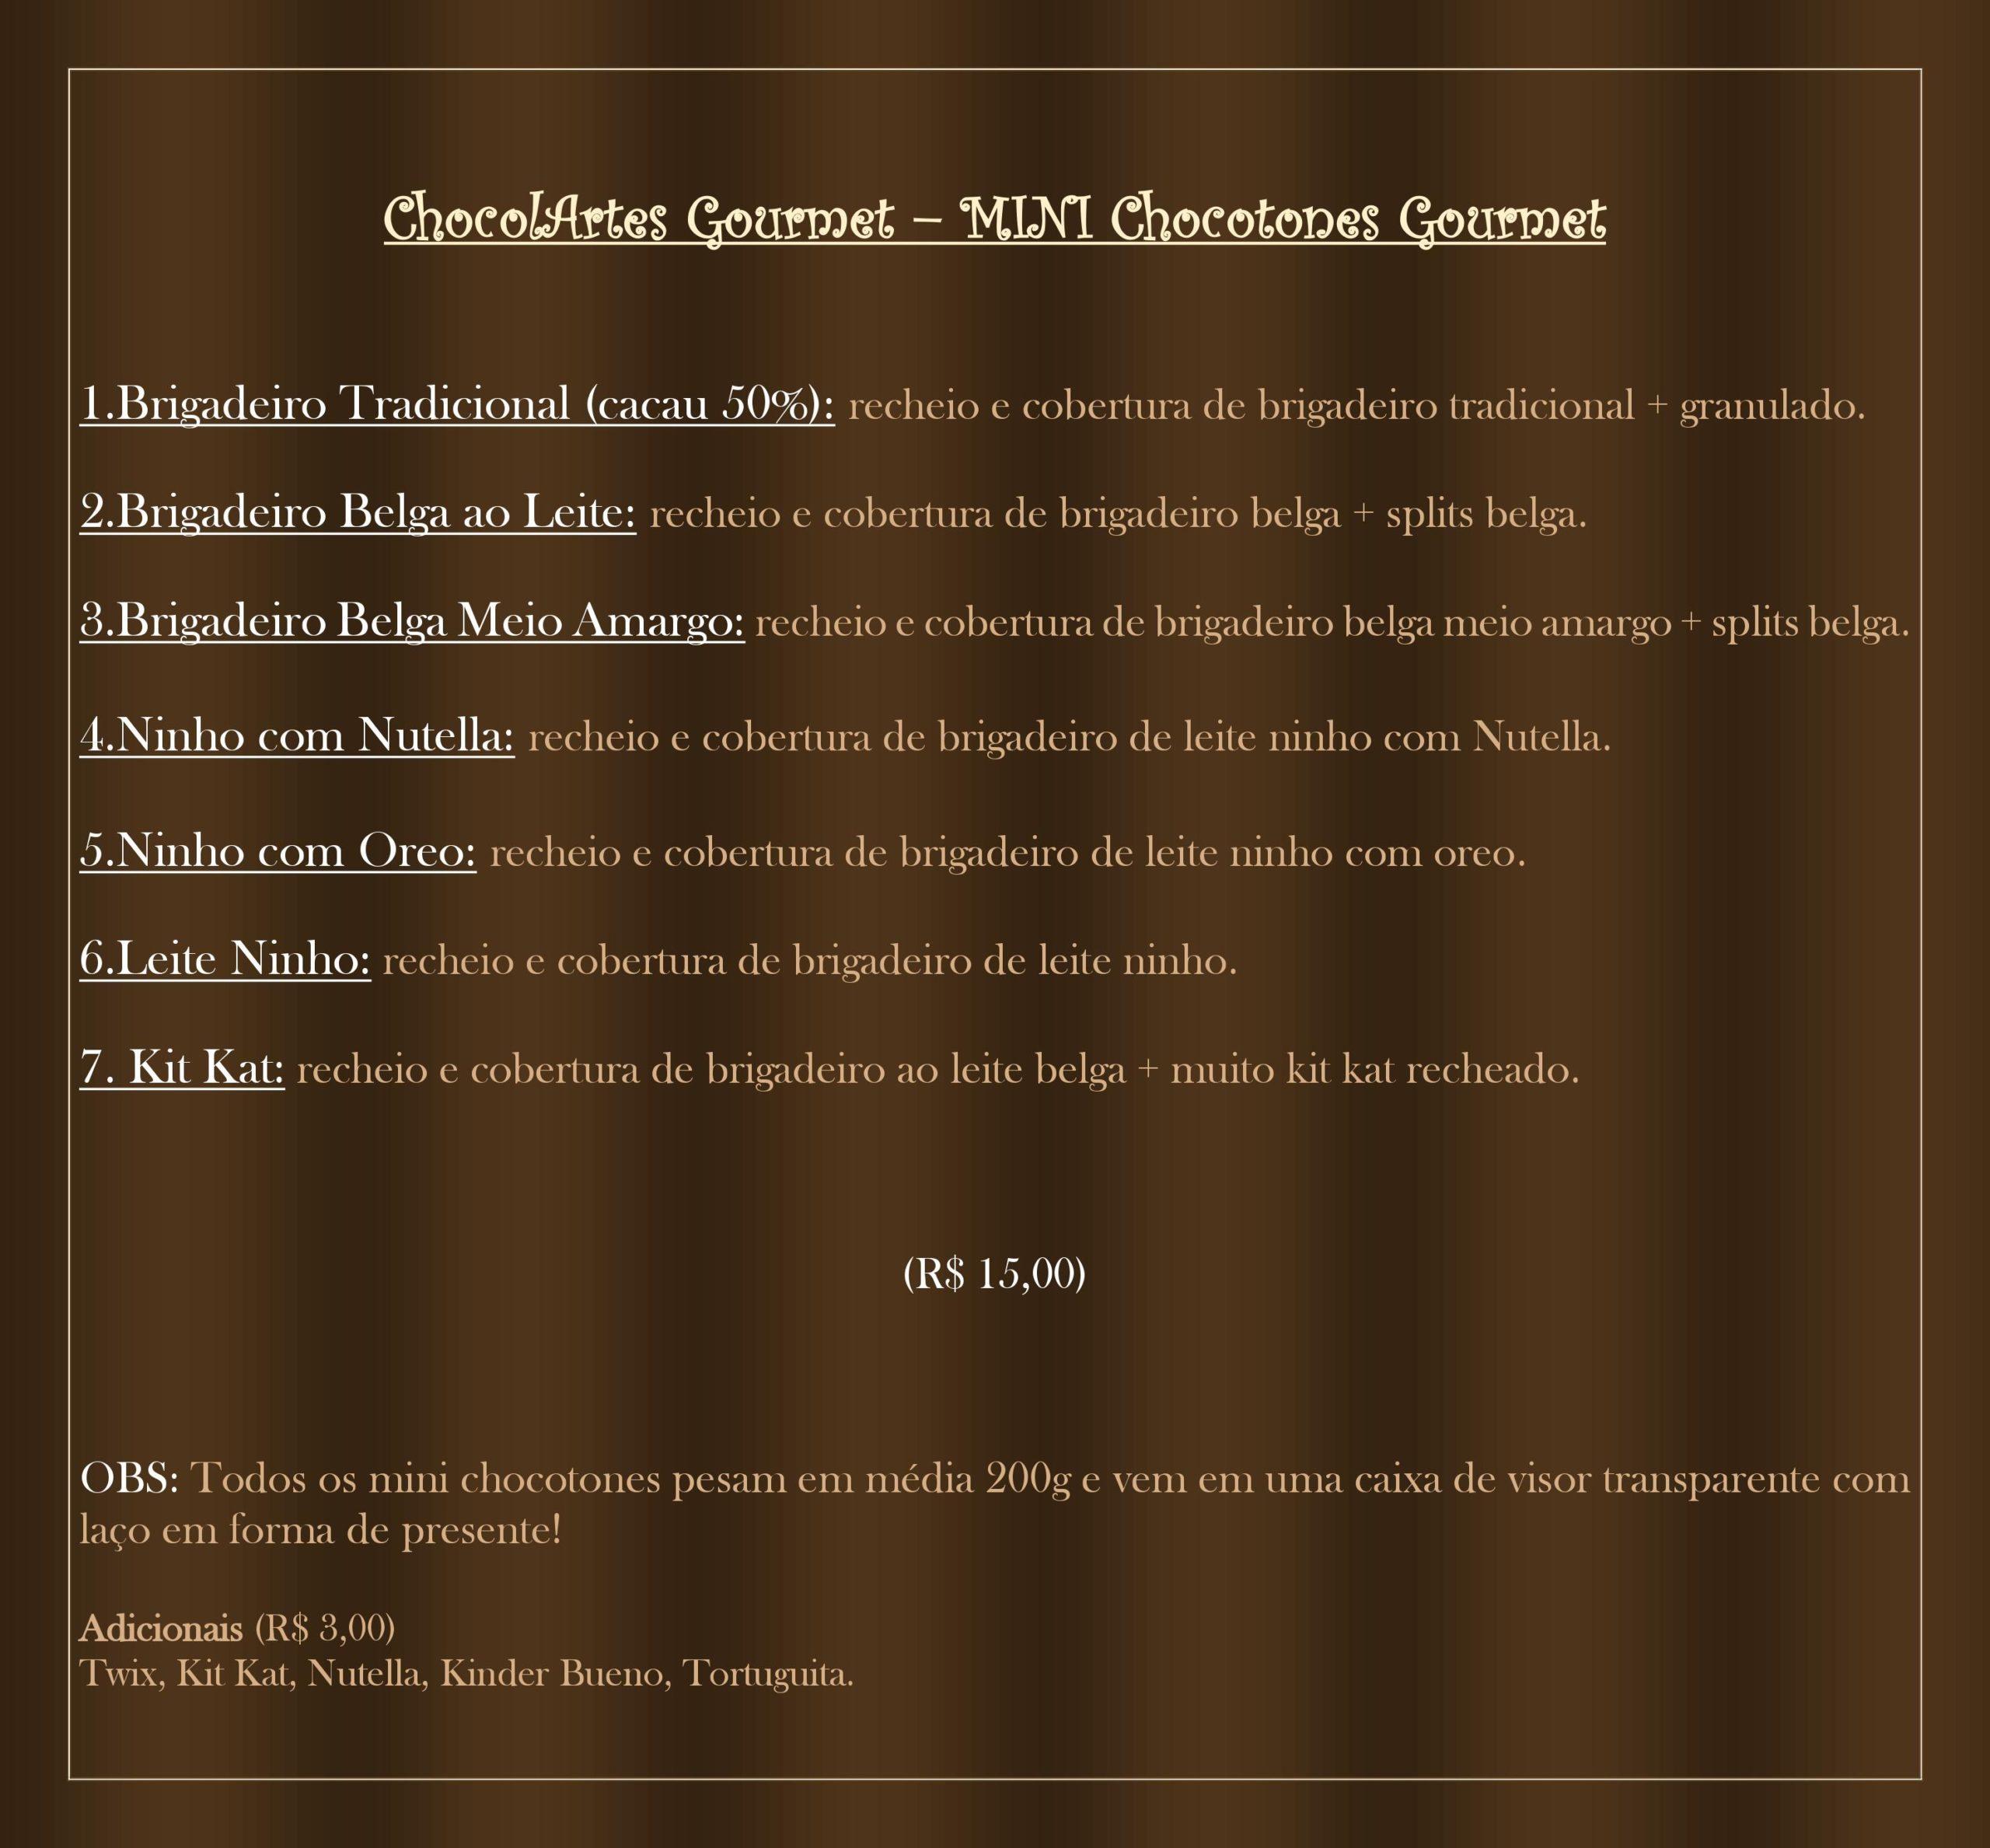 chocolartes gourmet 2